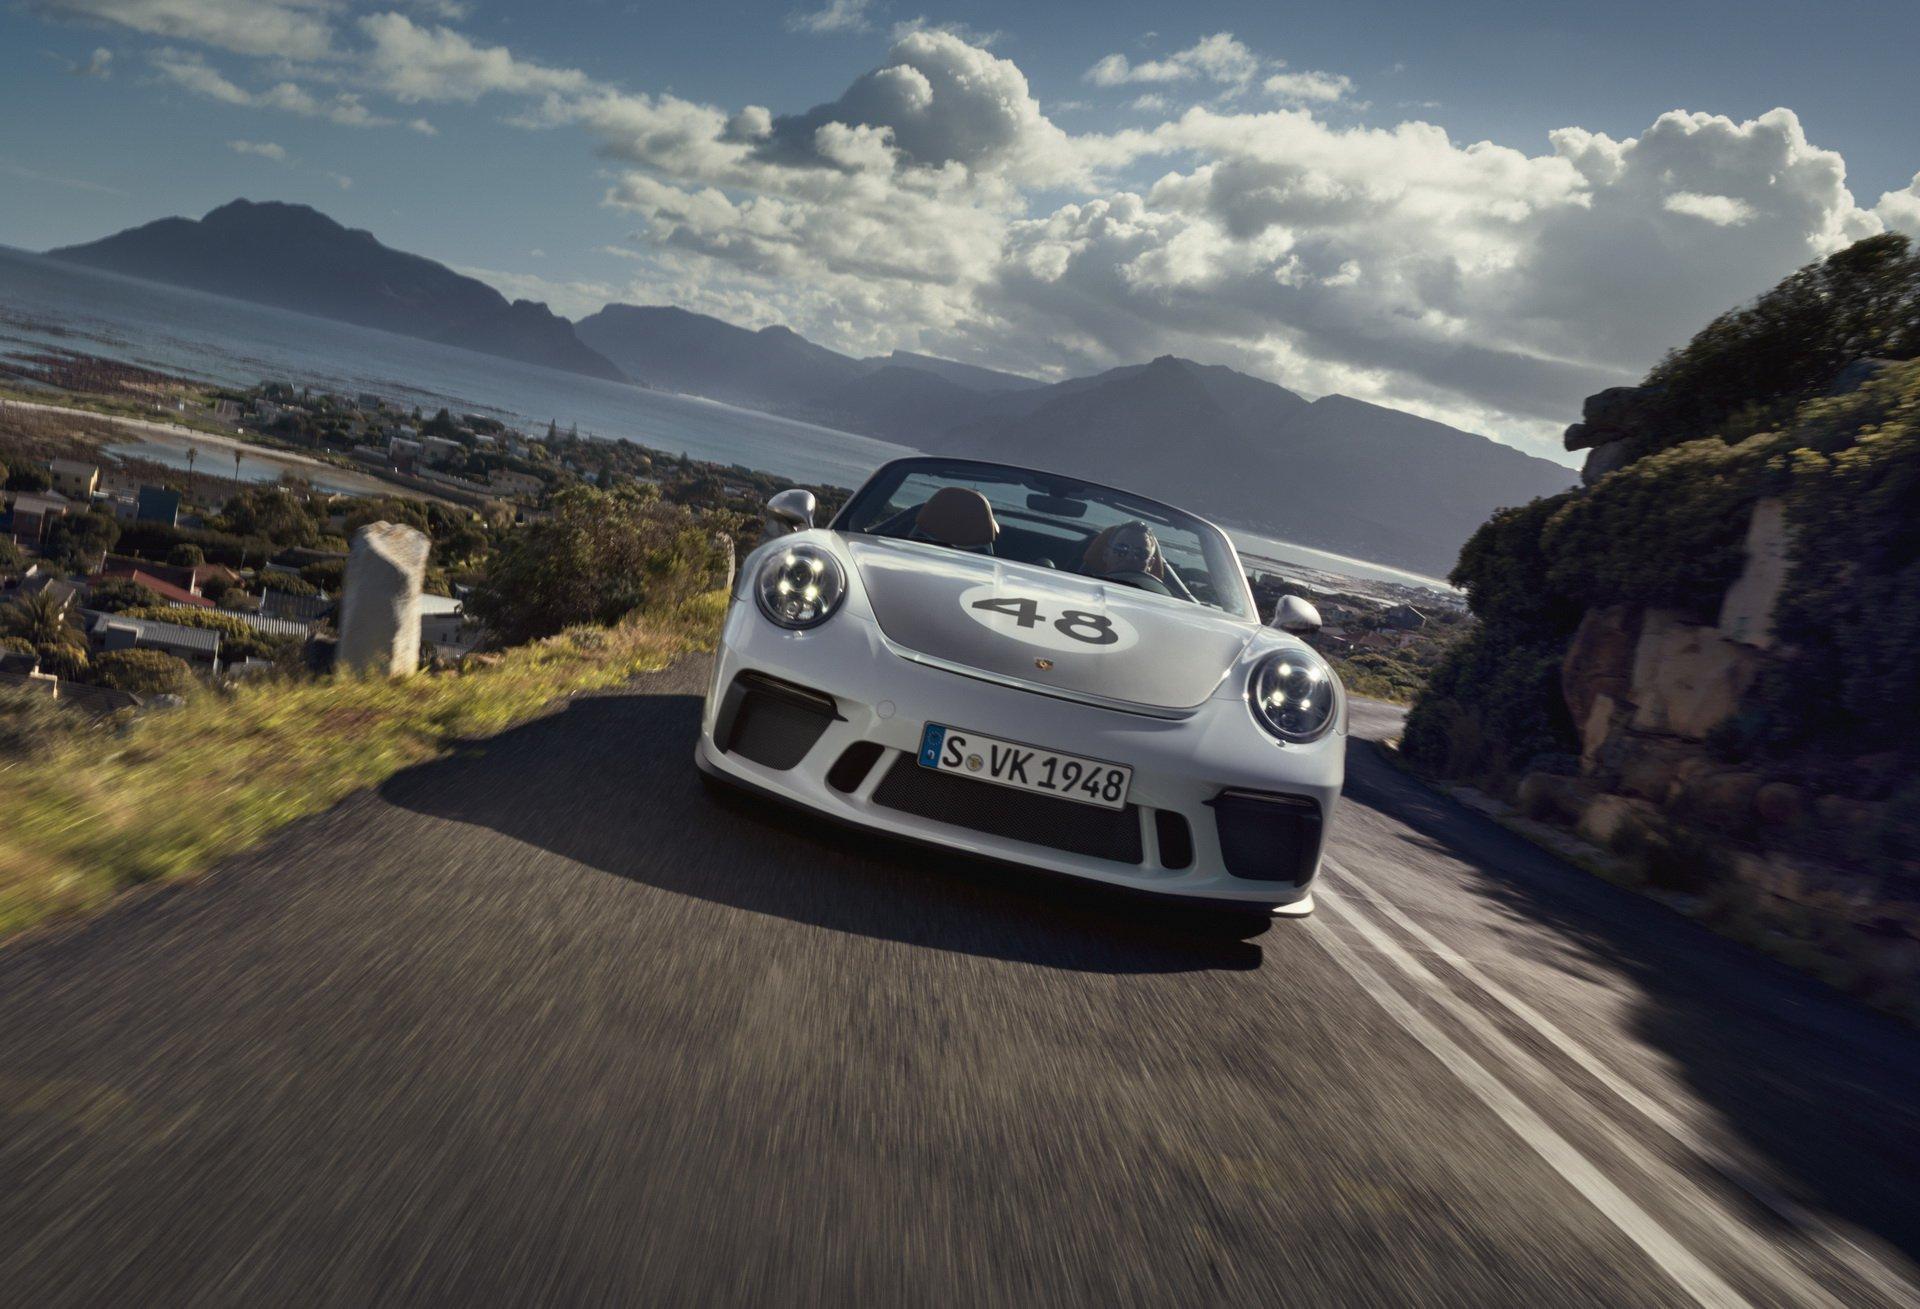 A612af8c 2020 porsche 911 speedster heritage design 3